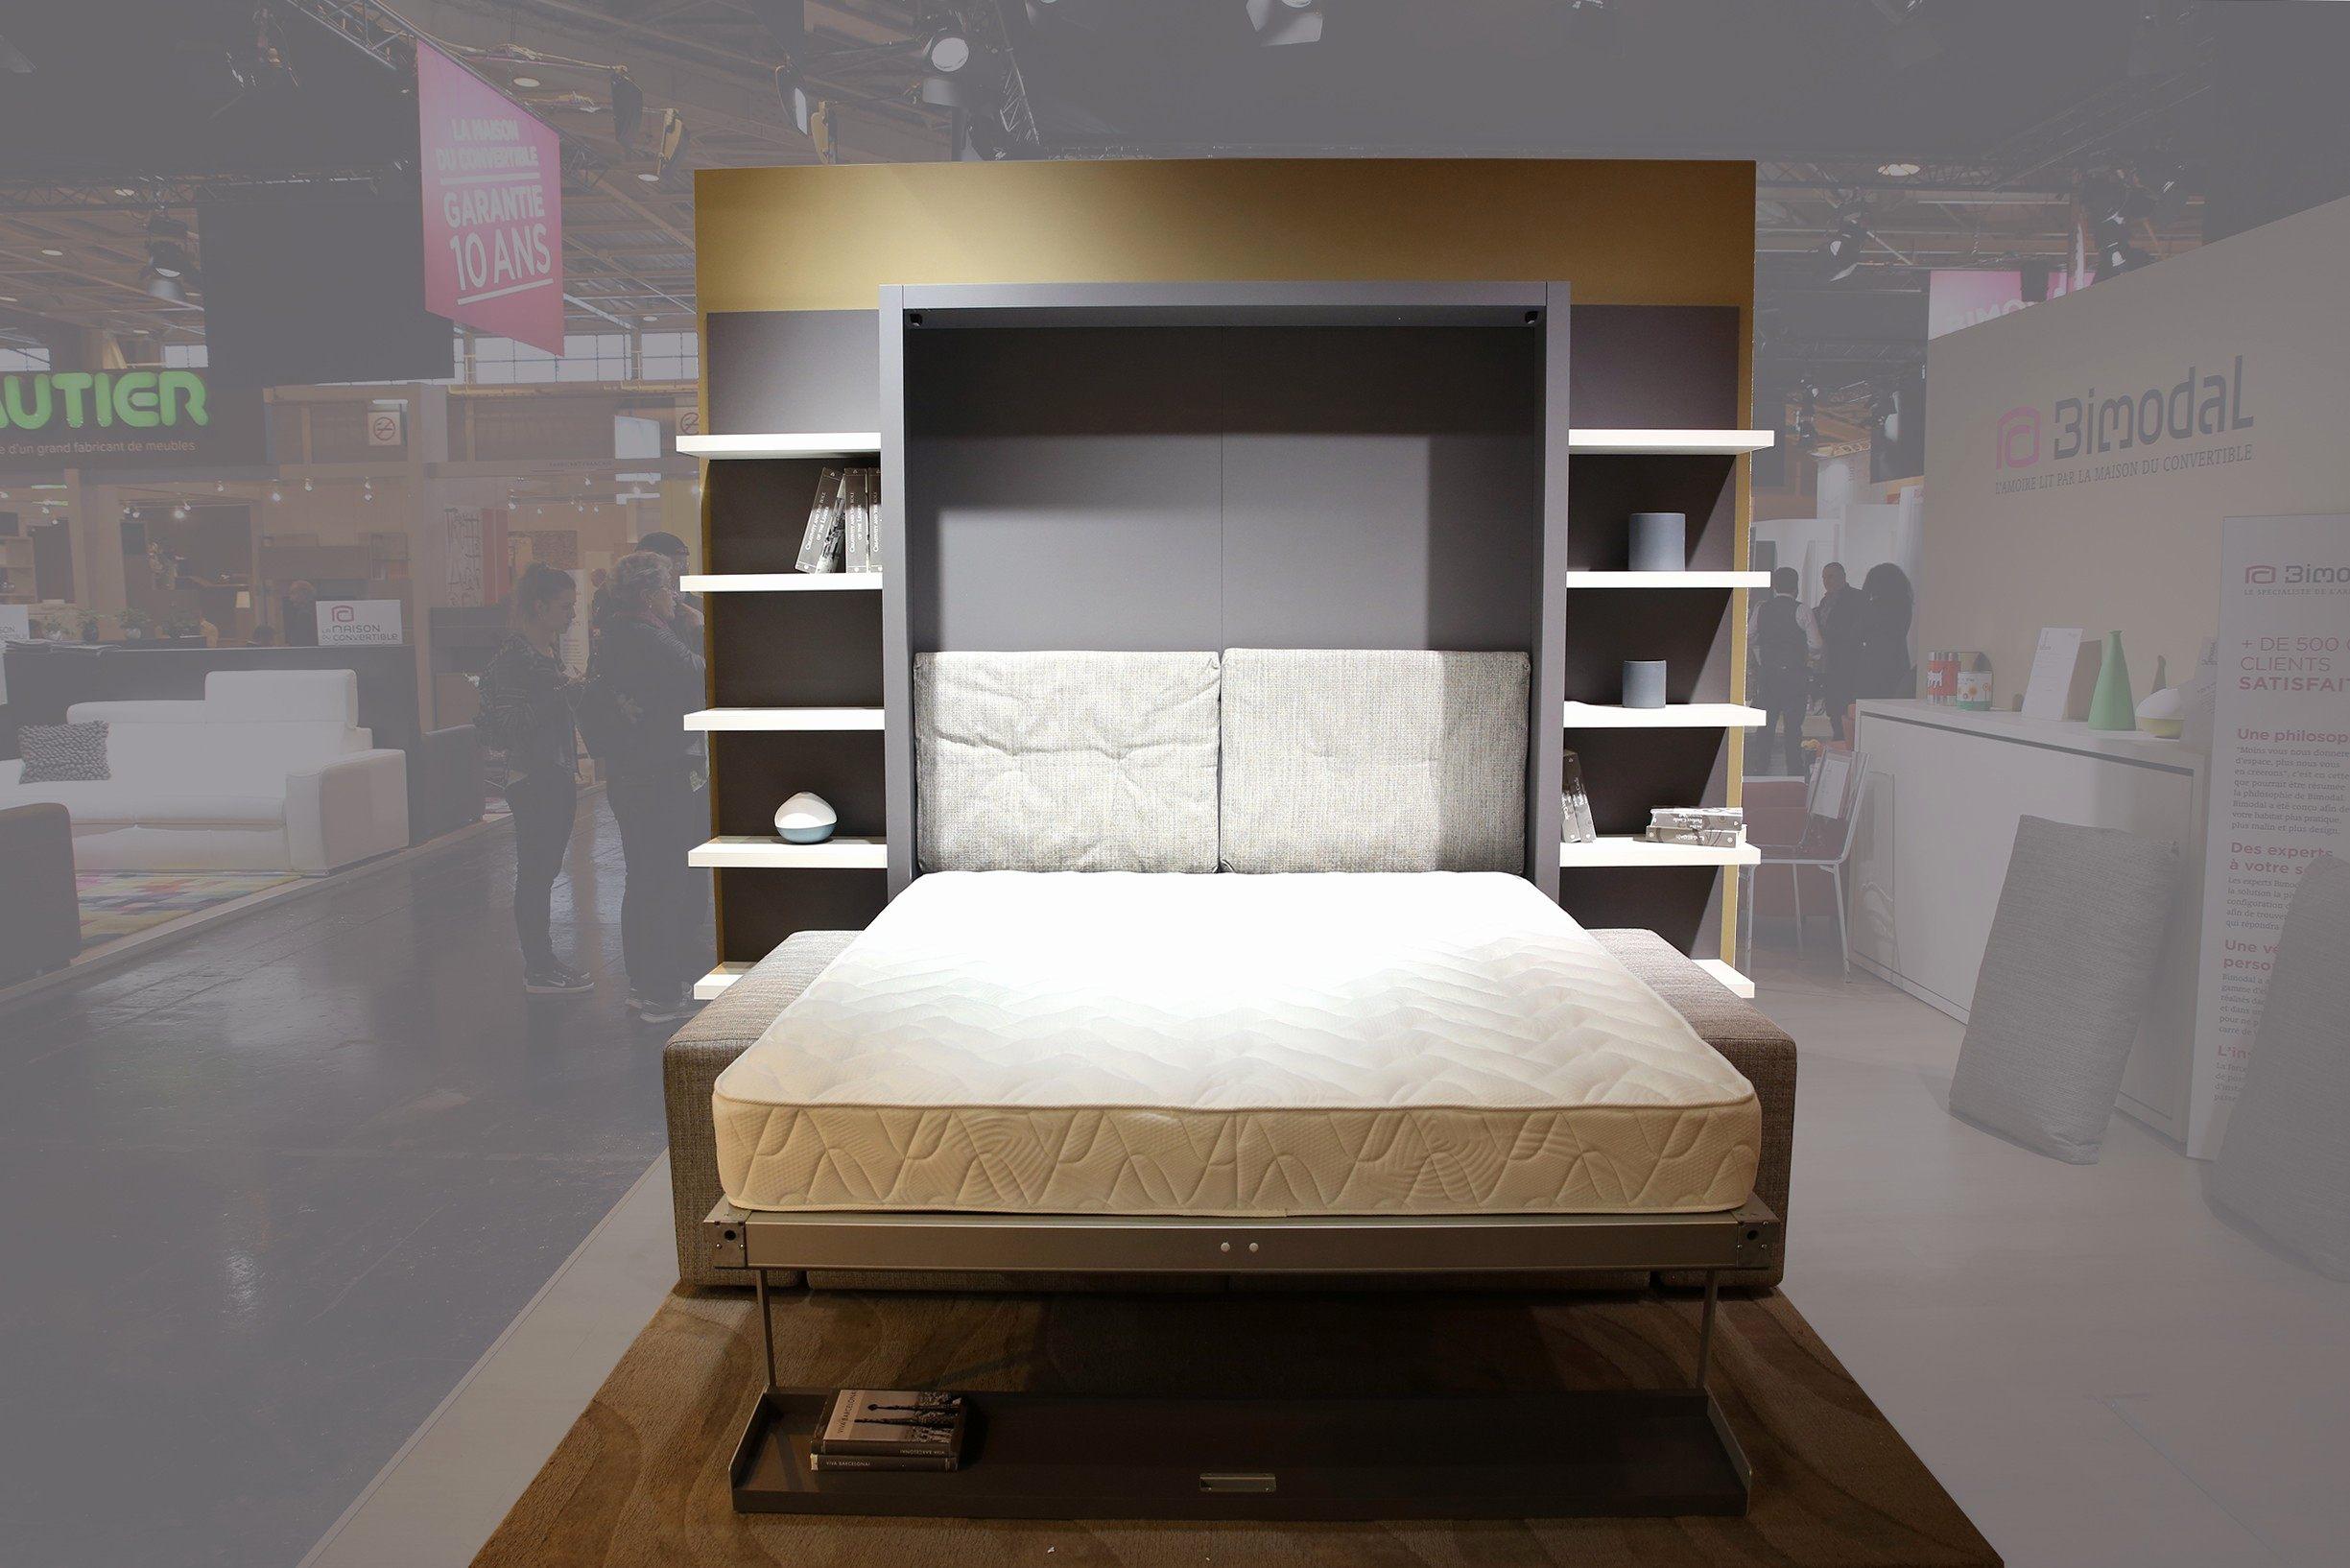 Extraordinaire Armoires Lits Escamotables Ikea Avec Lit Placard Ikea